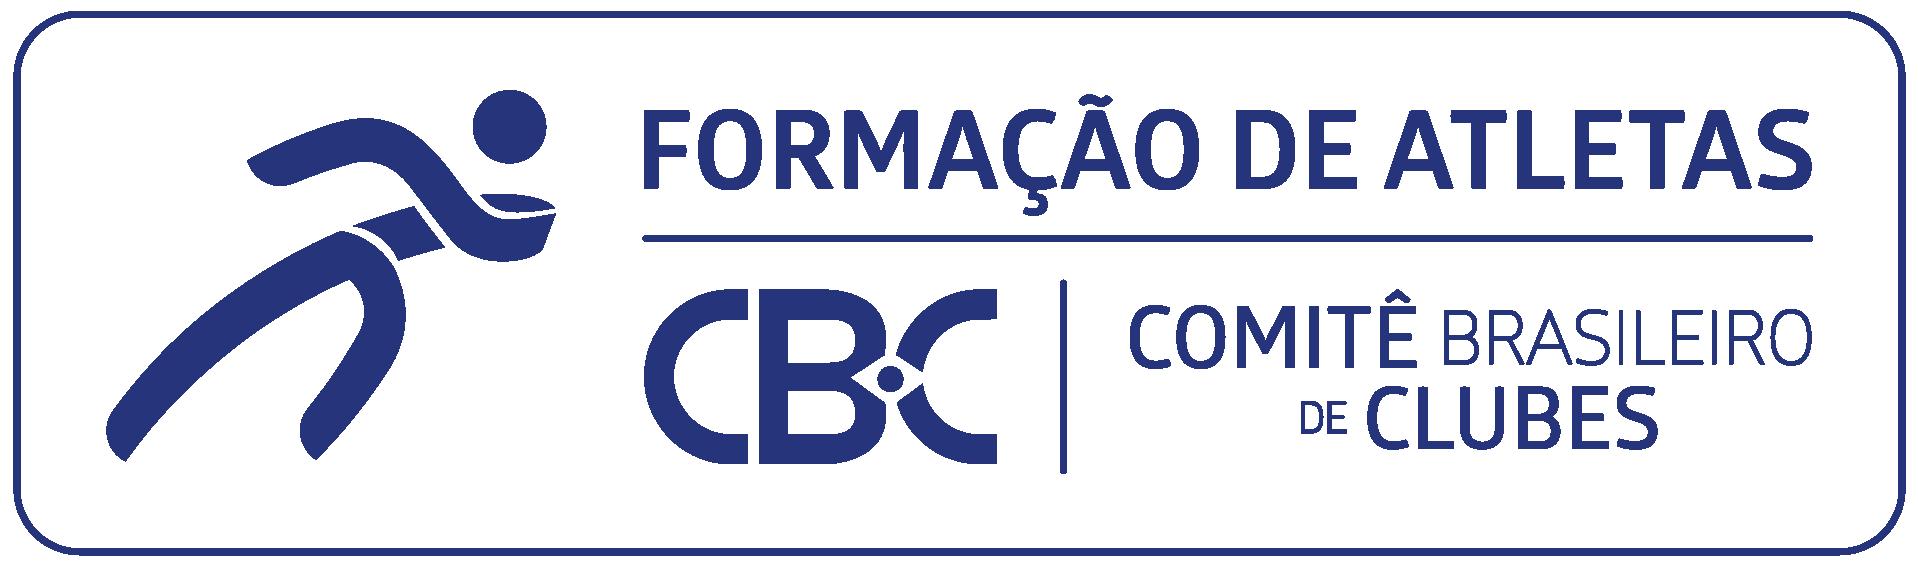 Logotipo do Comitê Brasileiro de Clubes